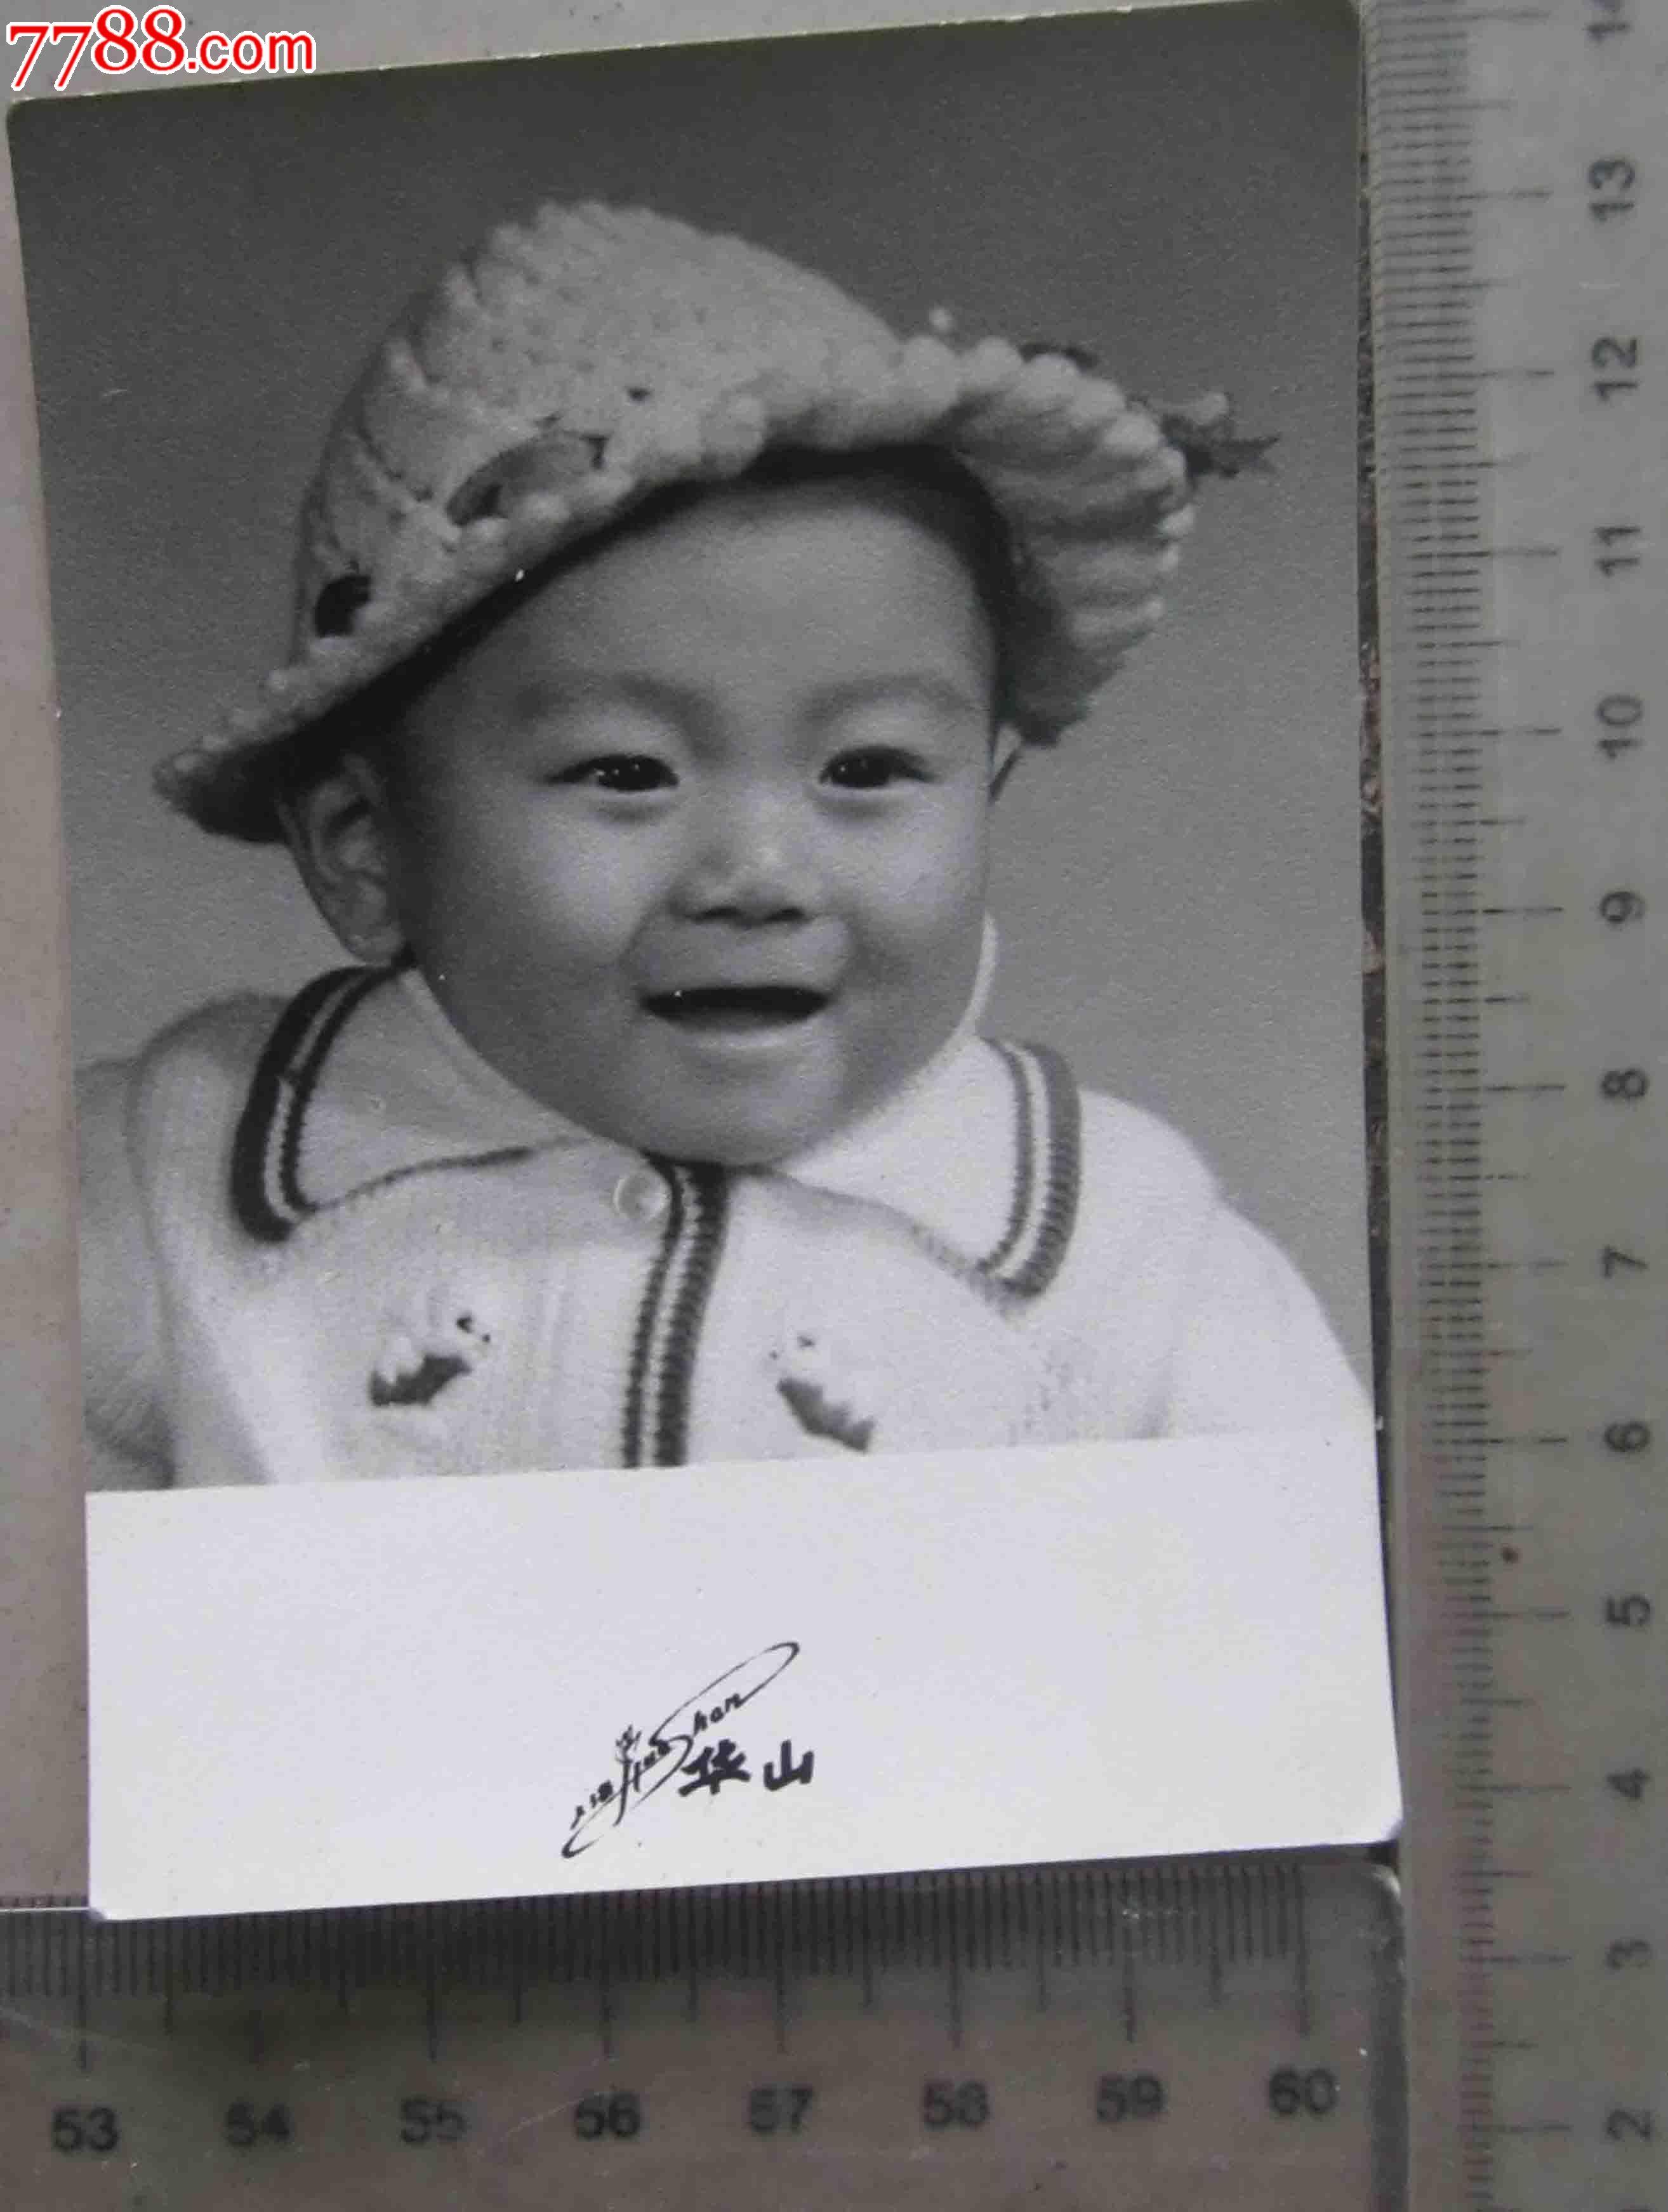 可爱外国婴儿素描